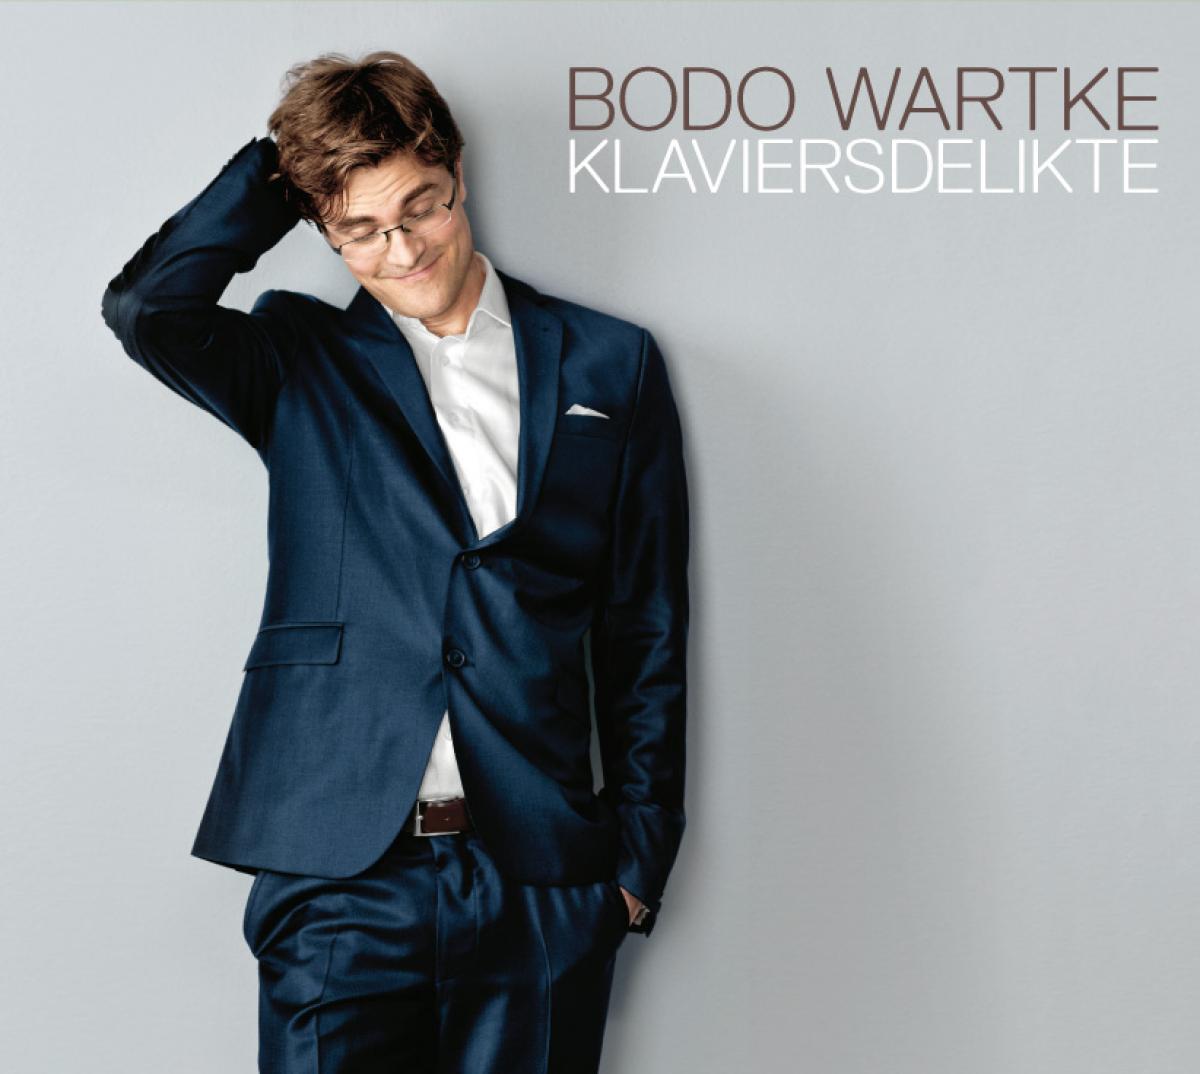 Klaviersdelikte - Bodo Wartke